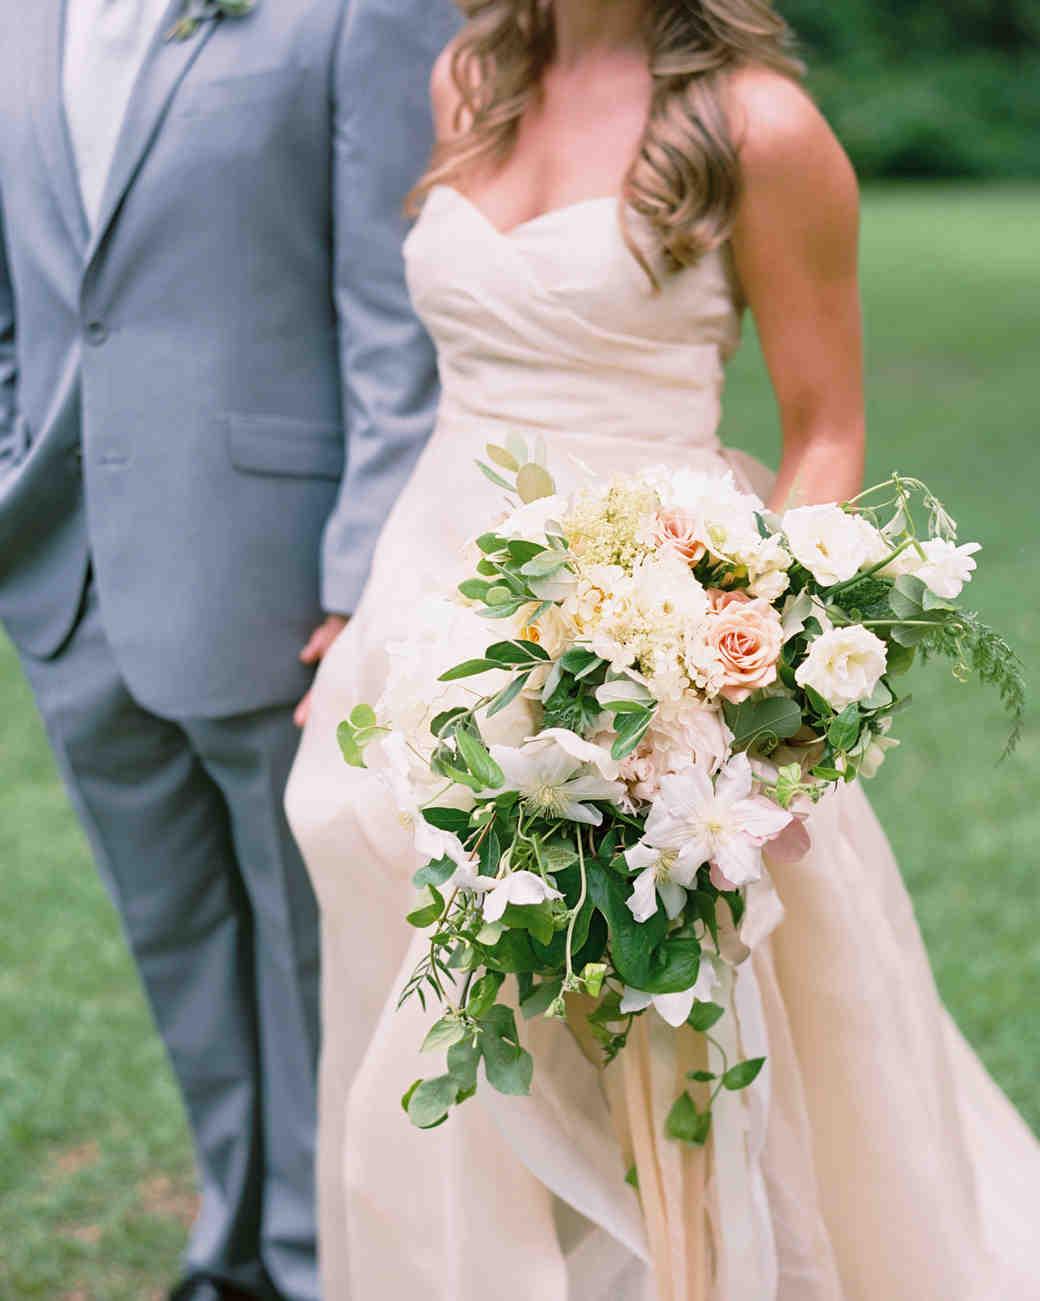 irby-adam-wedding-bouquet-115-s111660-1014.jpg